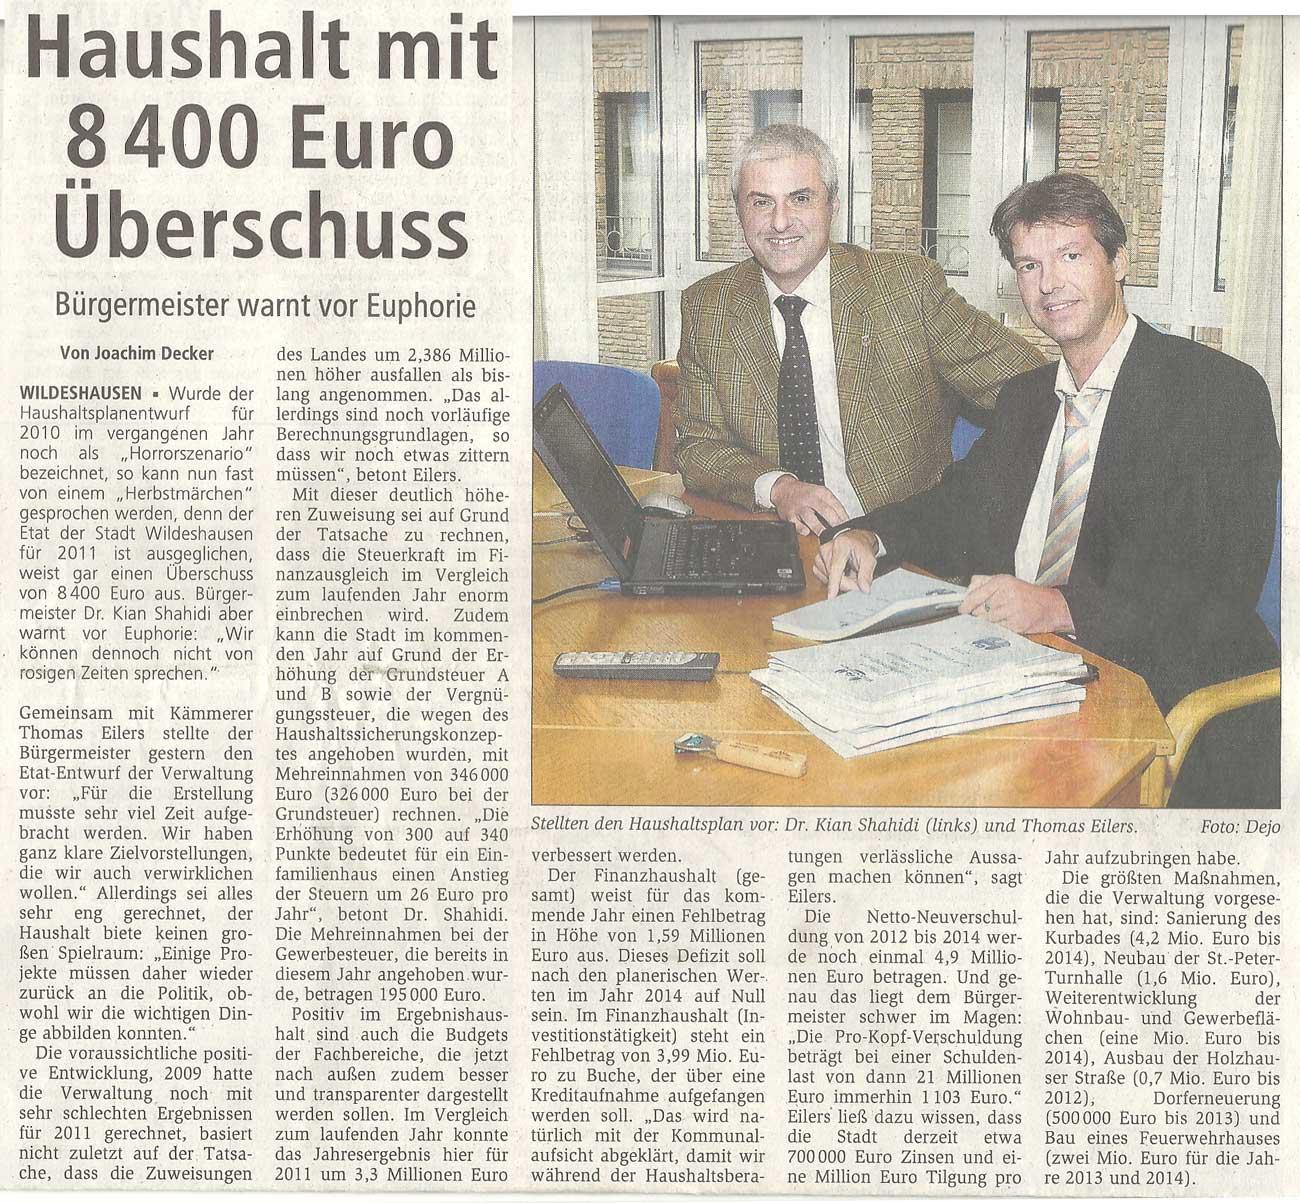 Haushalt mit 8400 Euro ÜberschussBürgermeister warnt vor EuphorieArtikel vom 16.10.2010 (WZ)